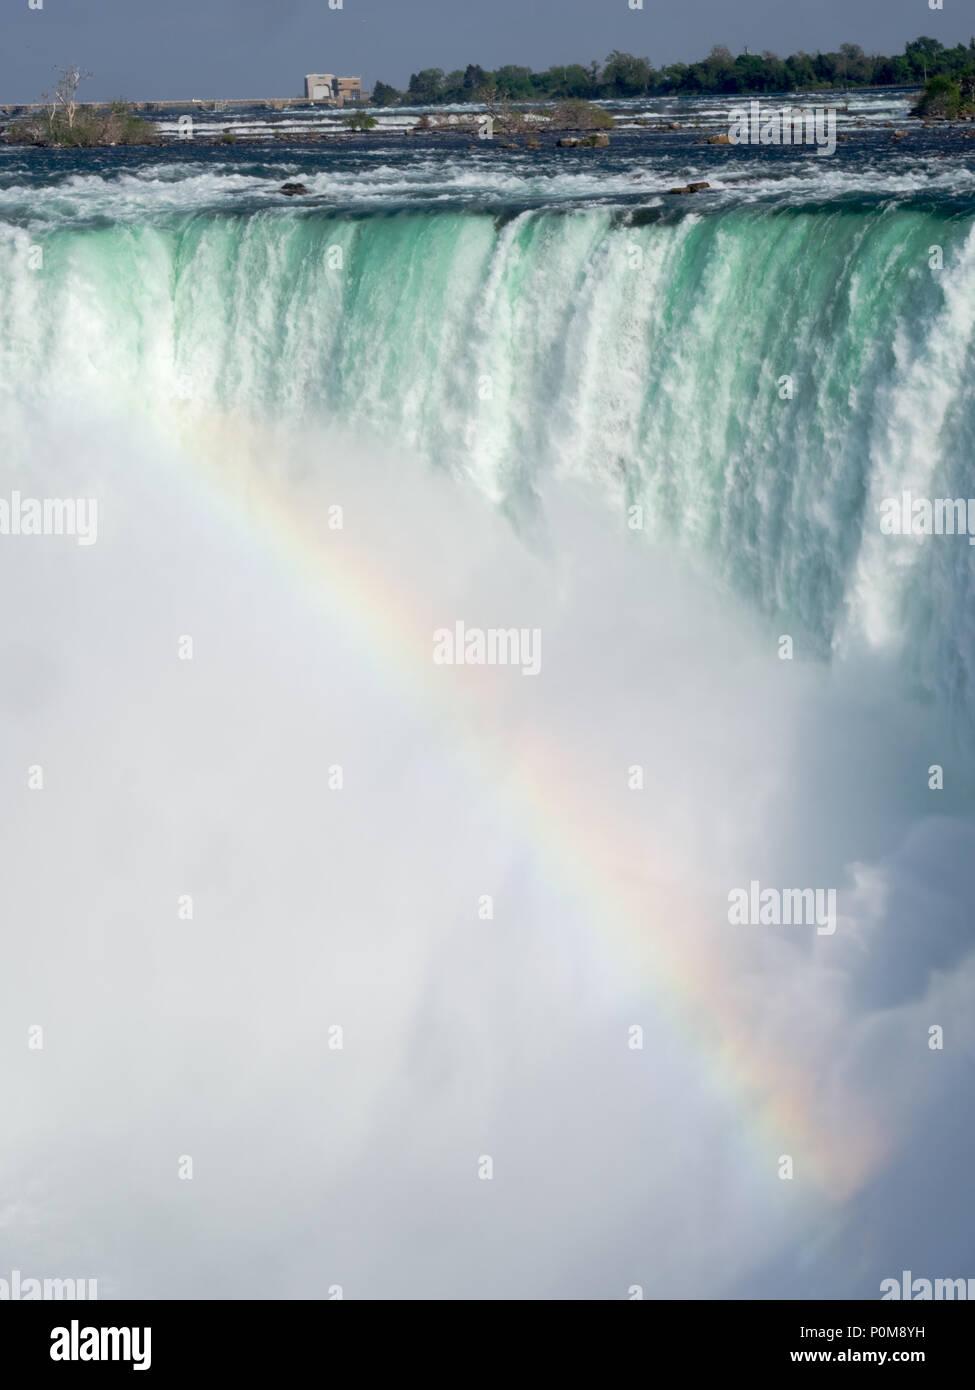 Horseshoe Falls Niagara avec un arc-en-ciel formé par les chutes. Banque D'Images